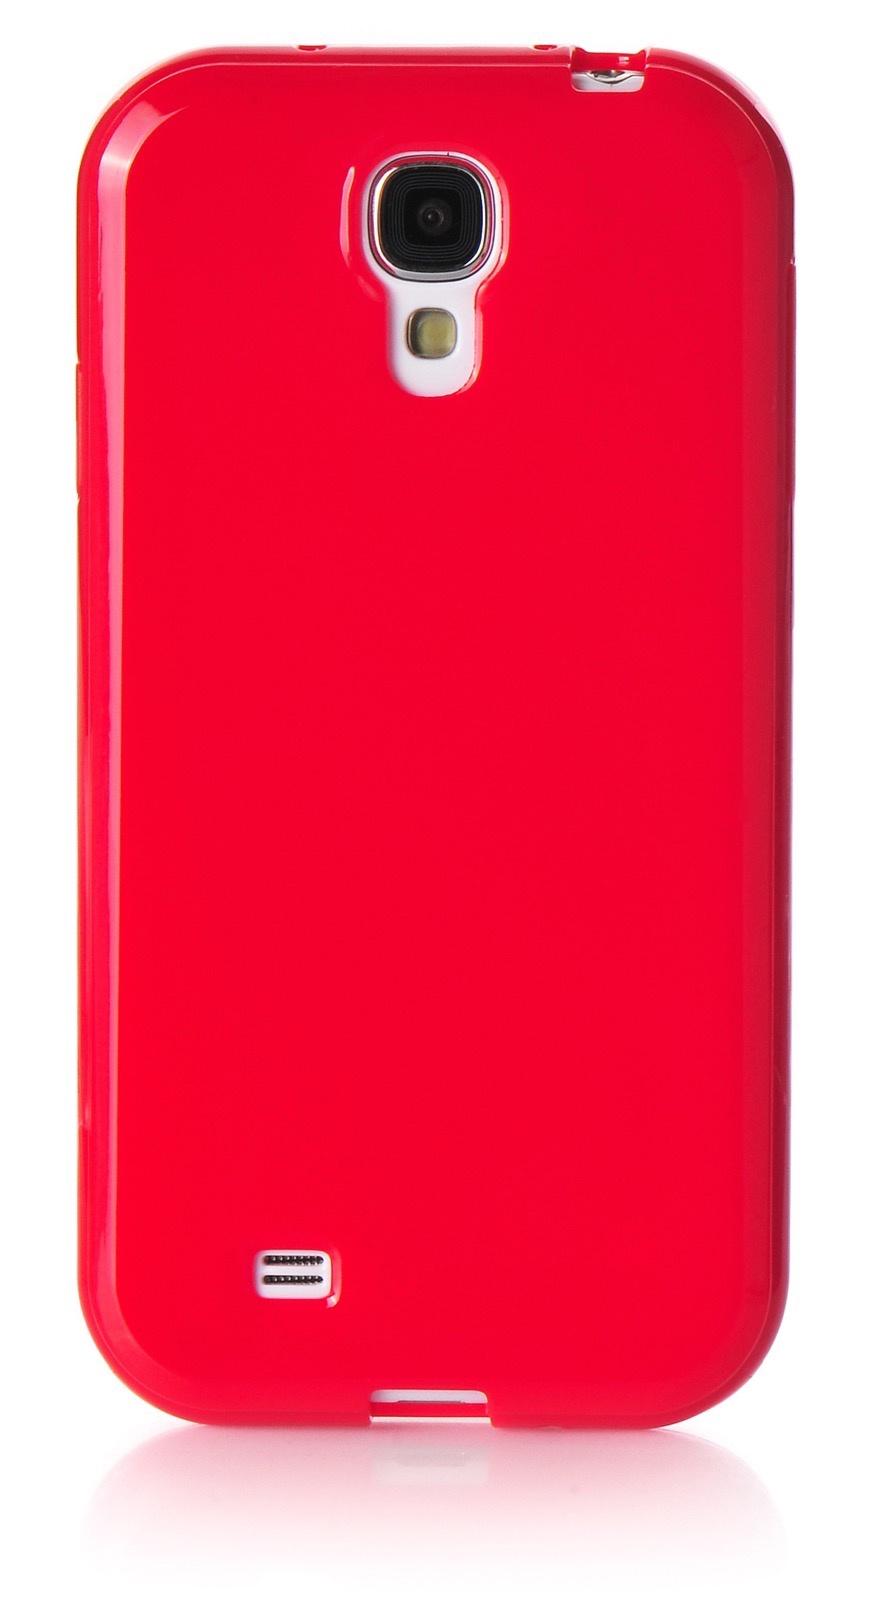 Чехол для сотового телефона iNeez накладка силикон мыльница 450170 для Samsung Galaxy S4, красный